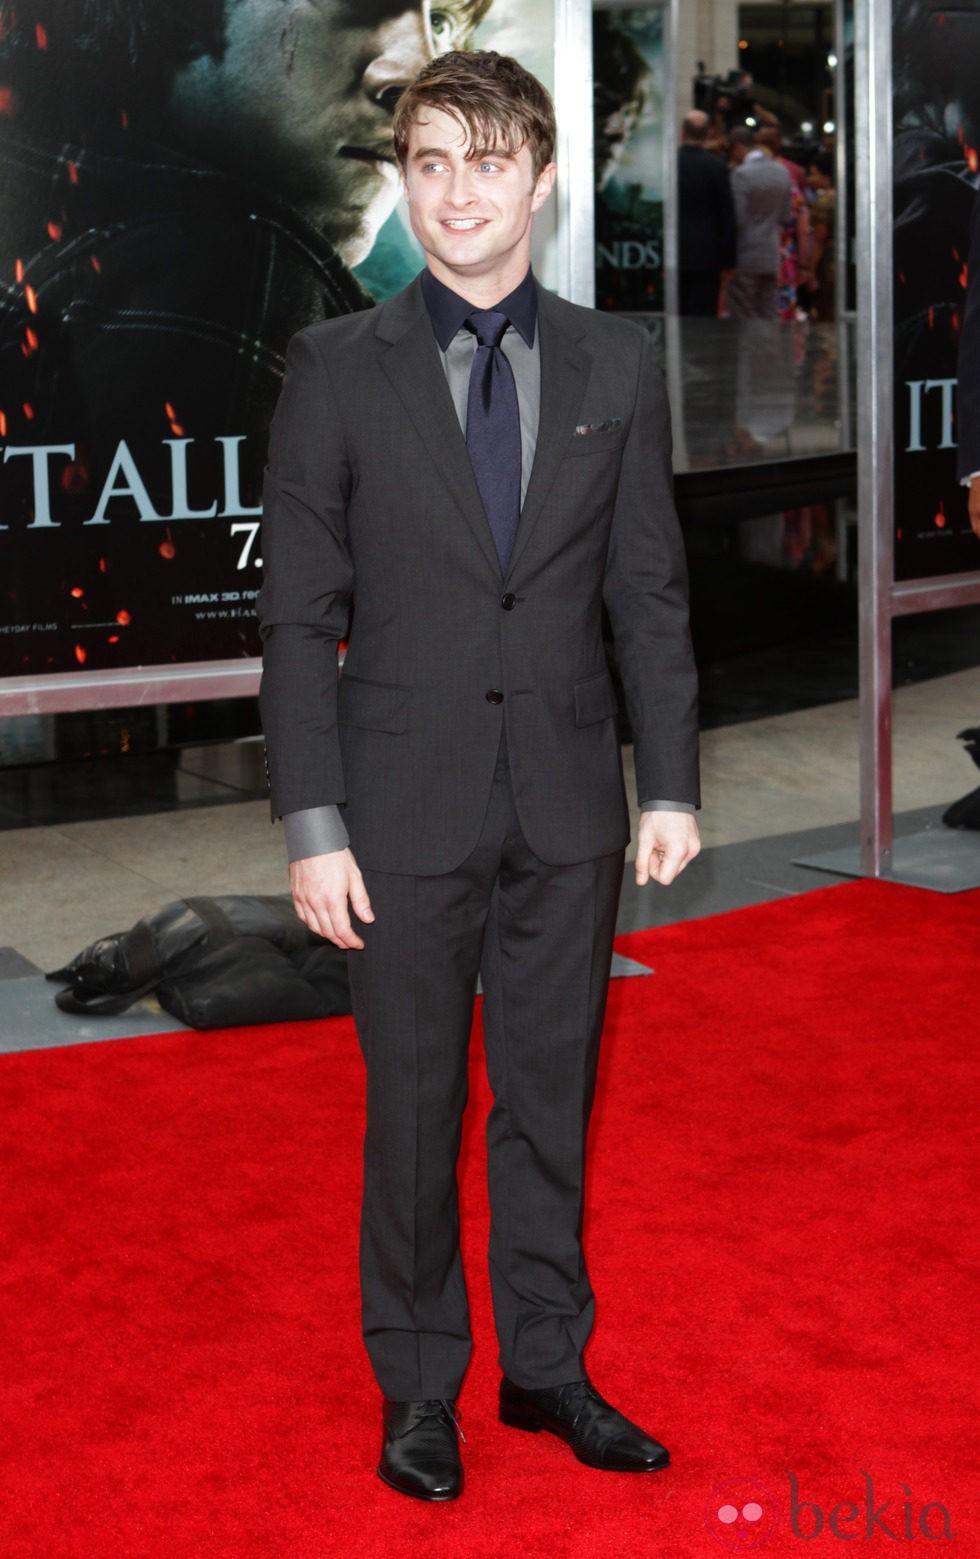 Daniel Radcliffe en la premiére neoyorkina de 'Harry Potter y las reliquias de la muerte: Parte 2'